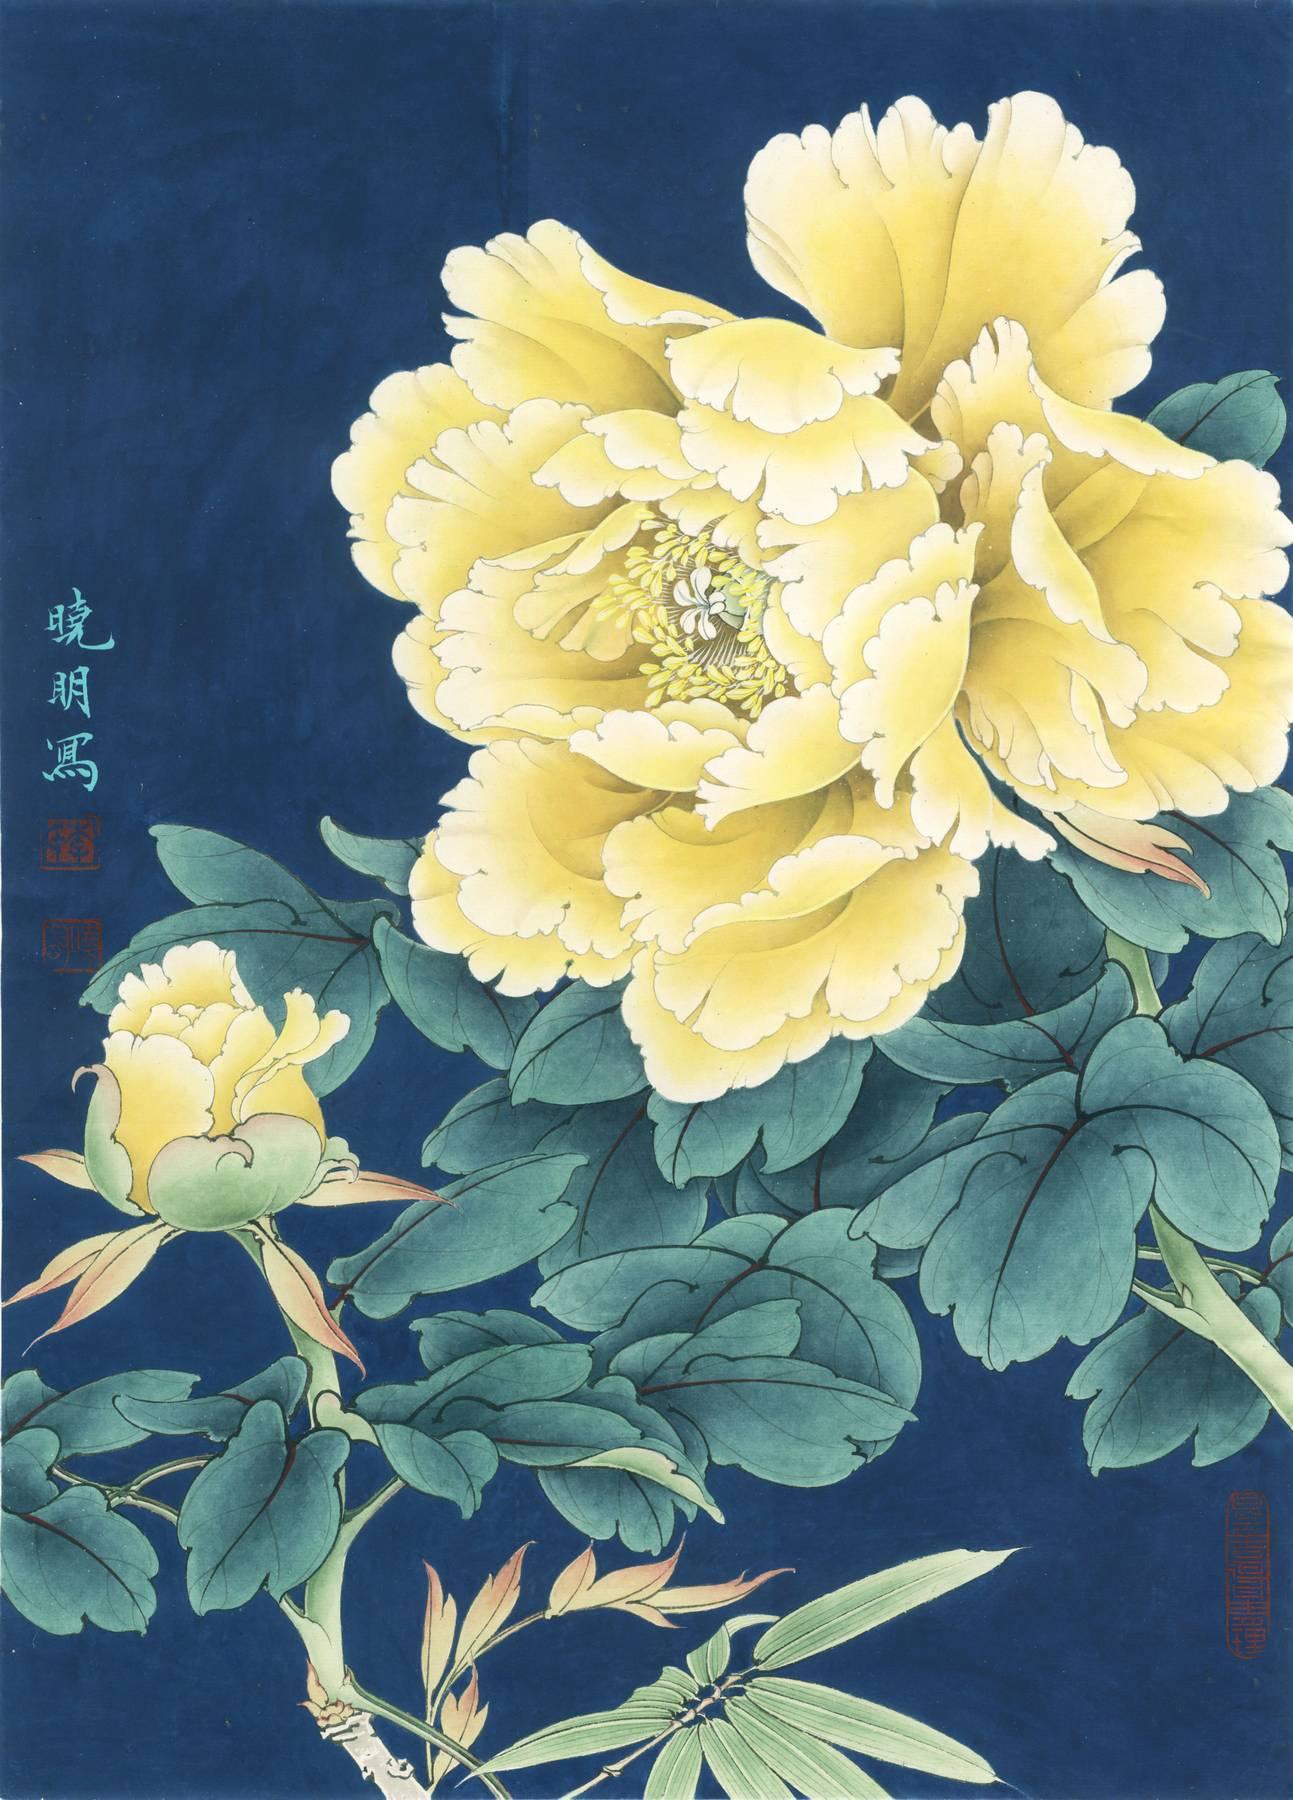 0020_李晓明牡丹工笔画高清图专辑JPG-金幌_3710x5163PX_JPG_300DPI_2.2